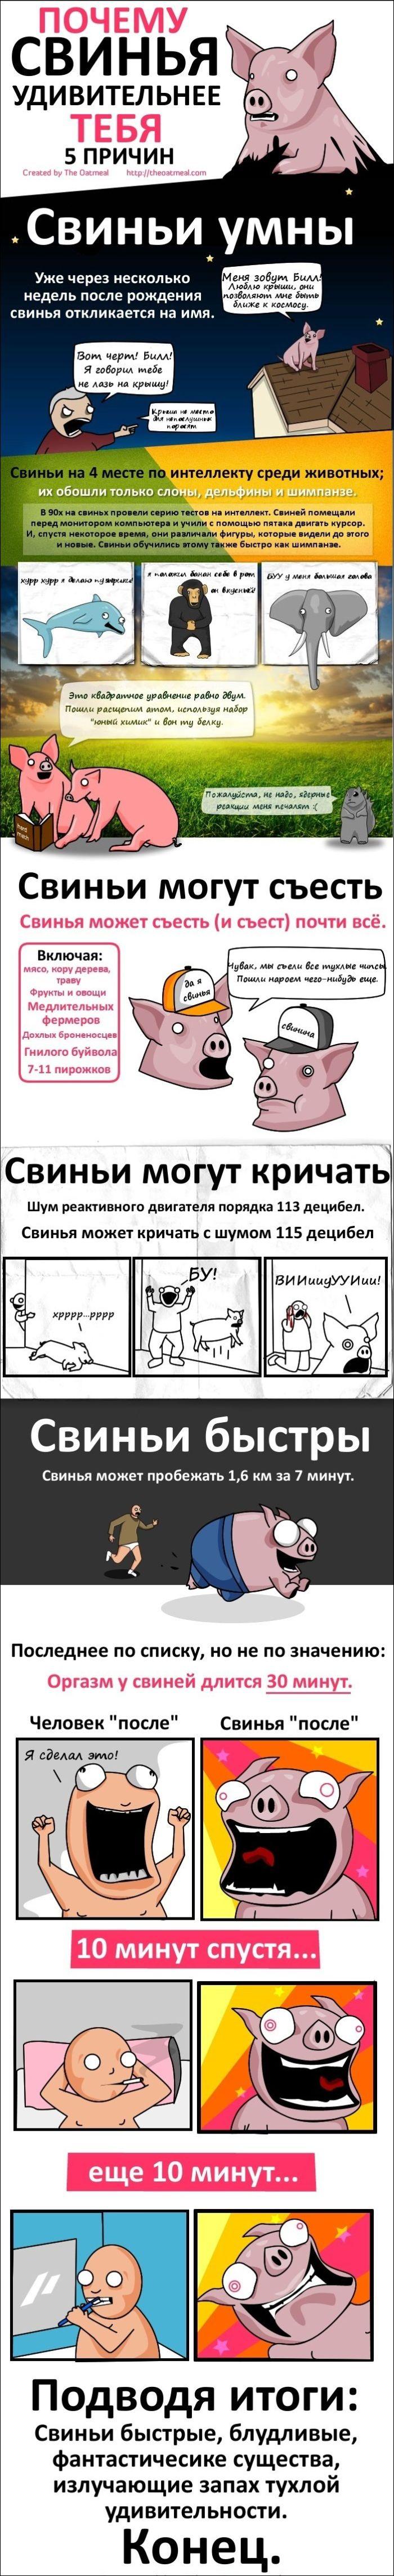 Свиньи - удивительные создания (1 картинка)